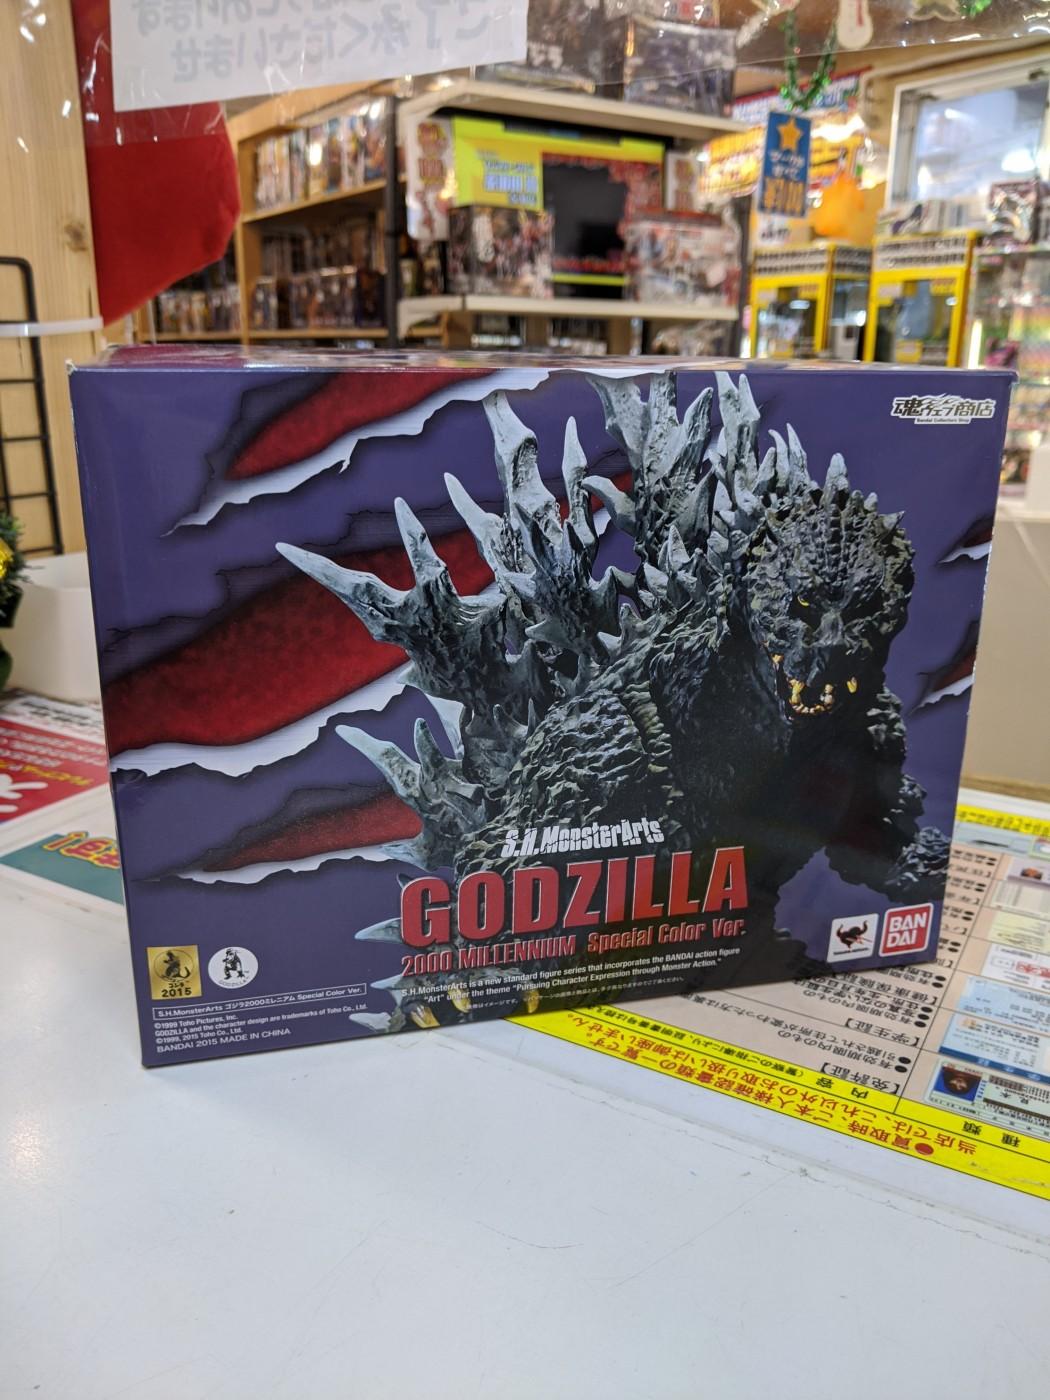 買取情報『バンダイのS.H.MonsterArts 魂ウェブ商店限定ゴジラ(2000) ミレニアム スペシャルカラーVer』